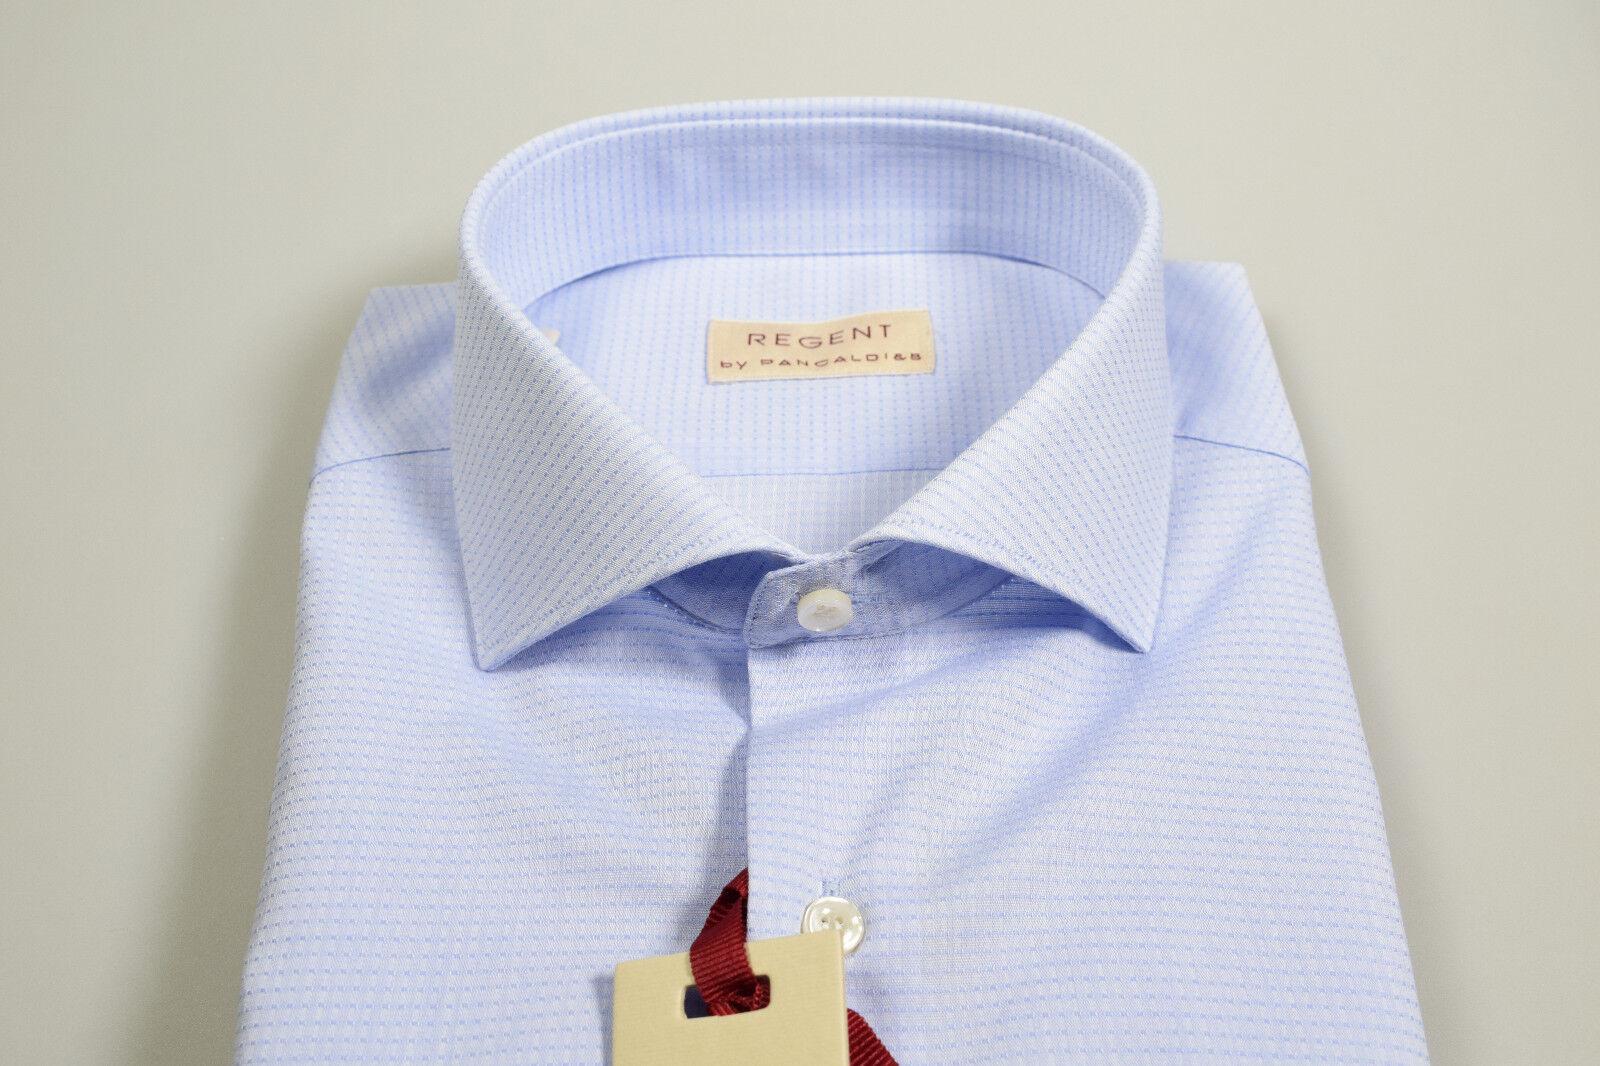 cheaper 3e3f4 0fa2c Pancaldi Slim Camicia Collo By Regent Fit Aq3j54RL